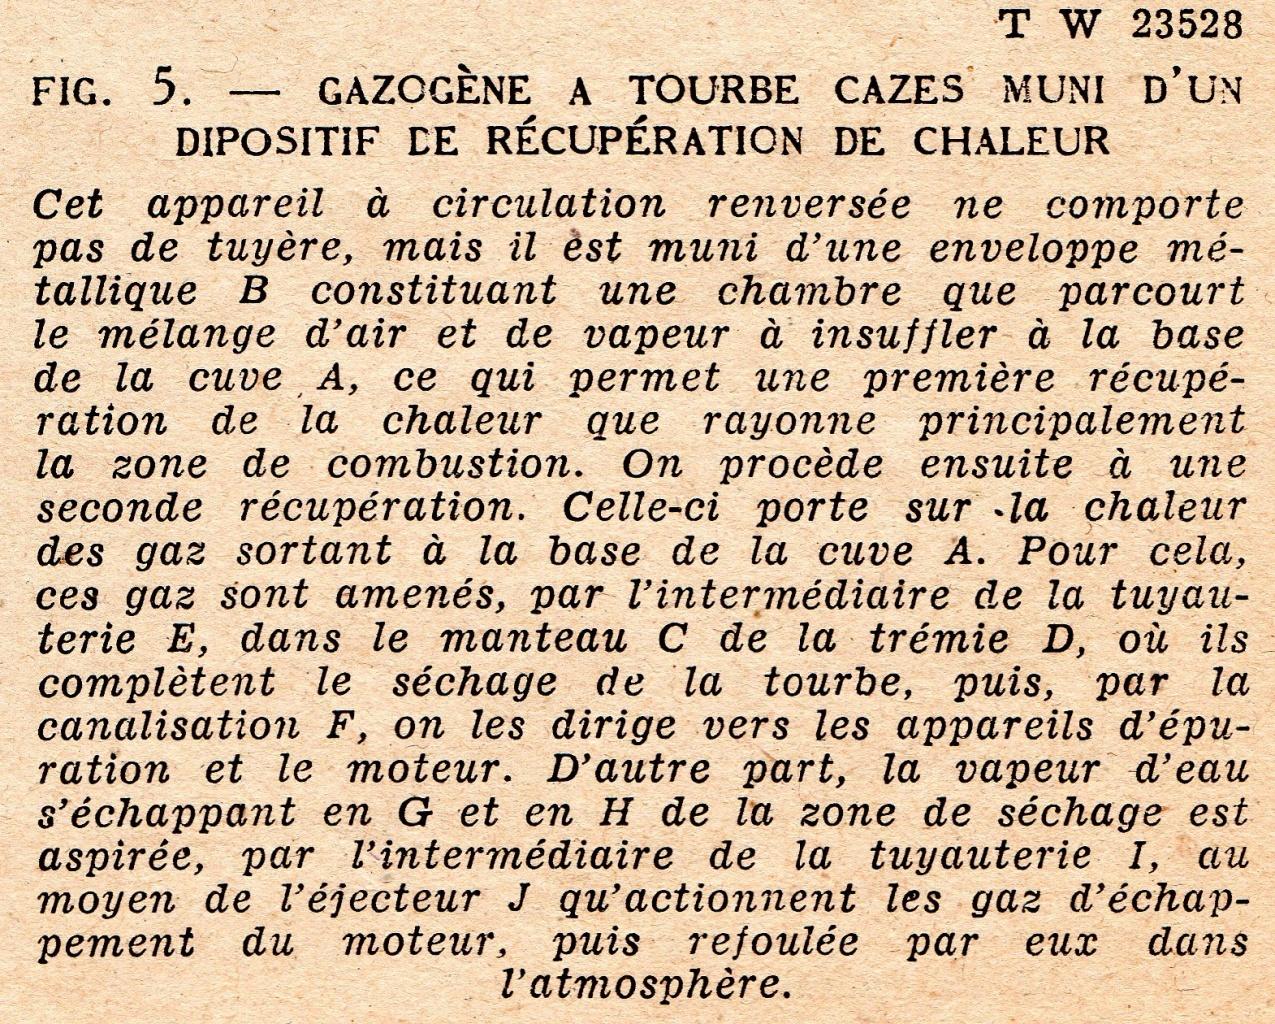 texte Gazogène à tourbe Cazès